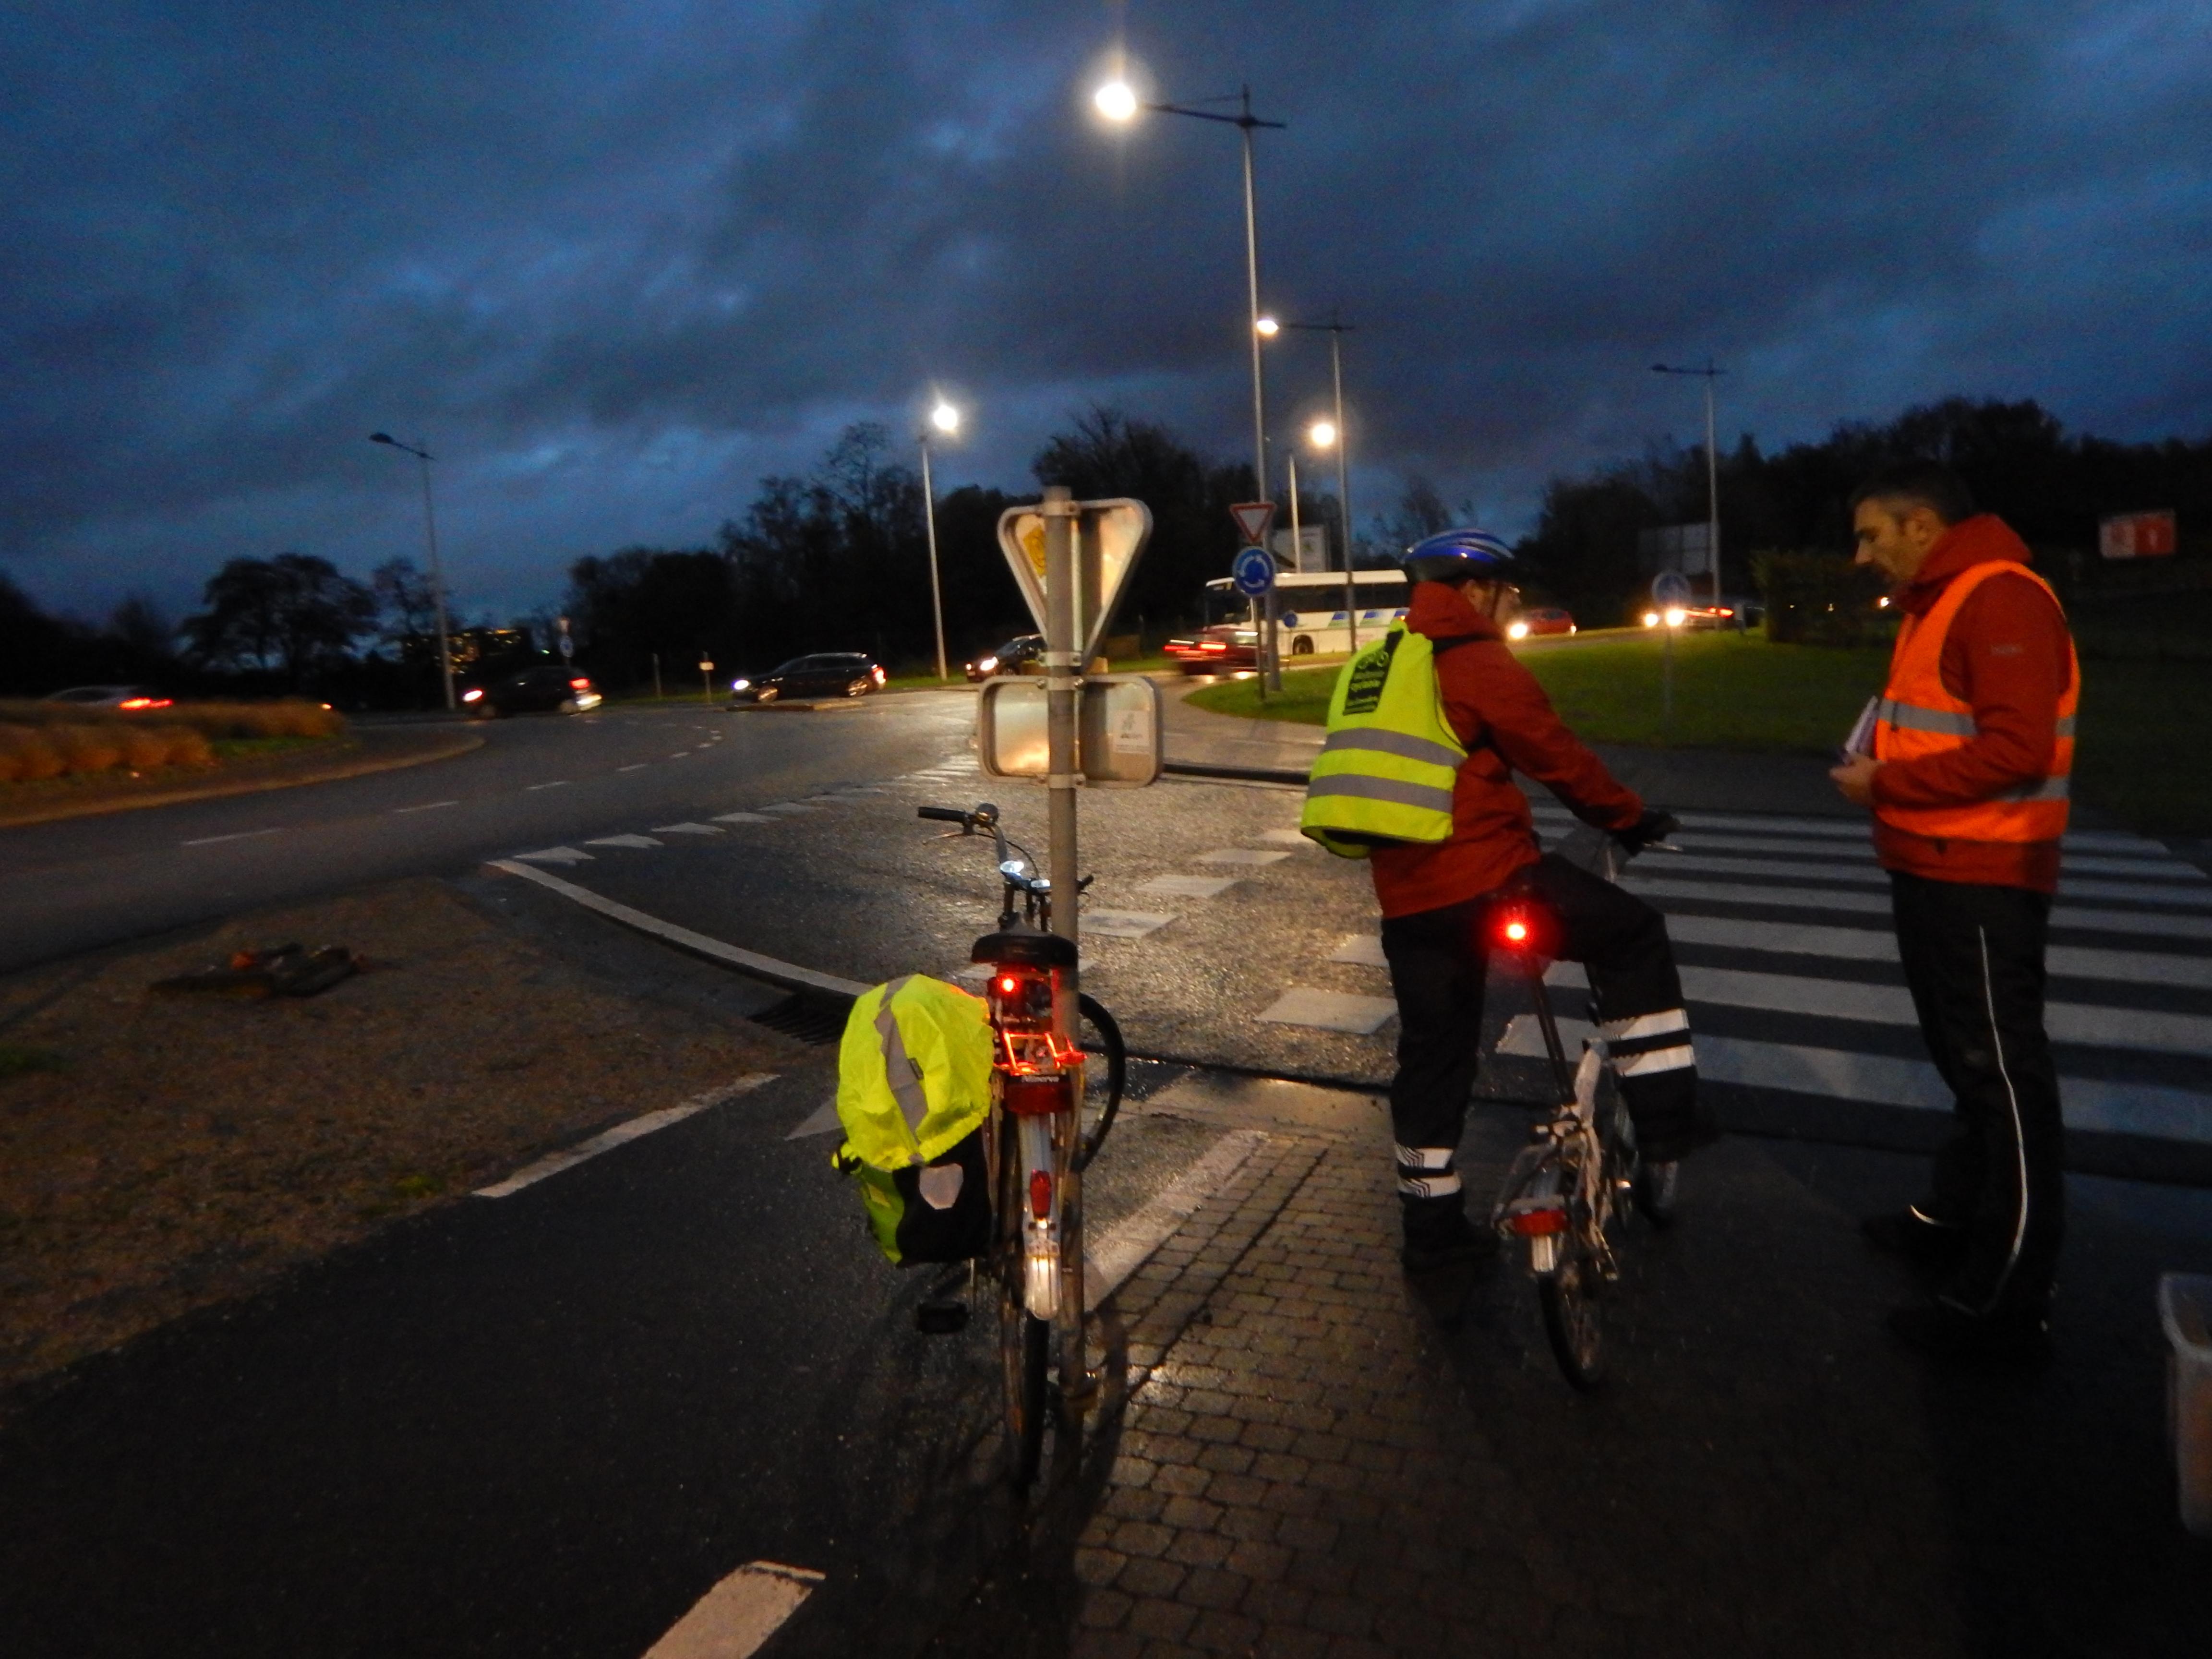 Vélos éclairés